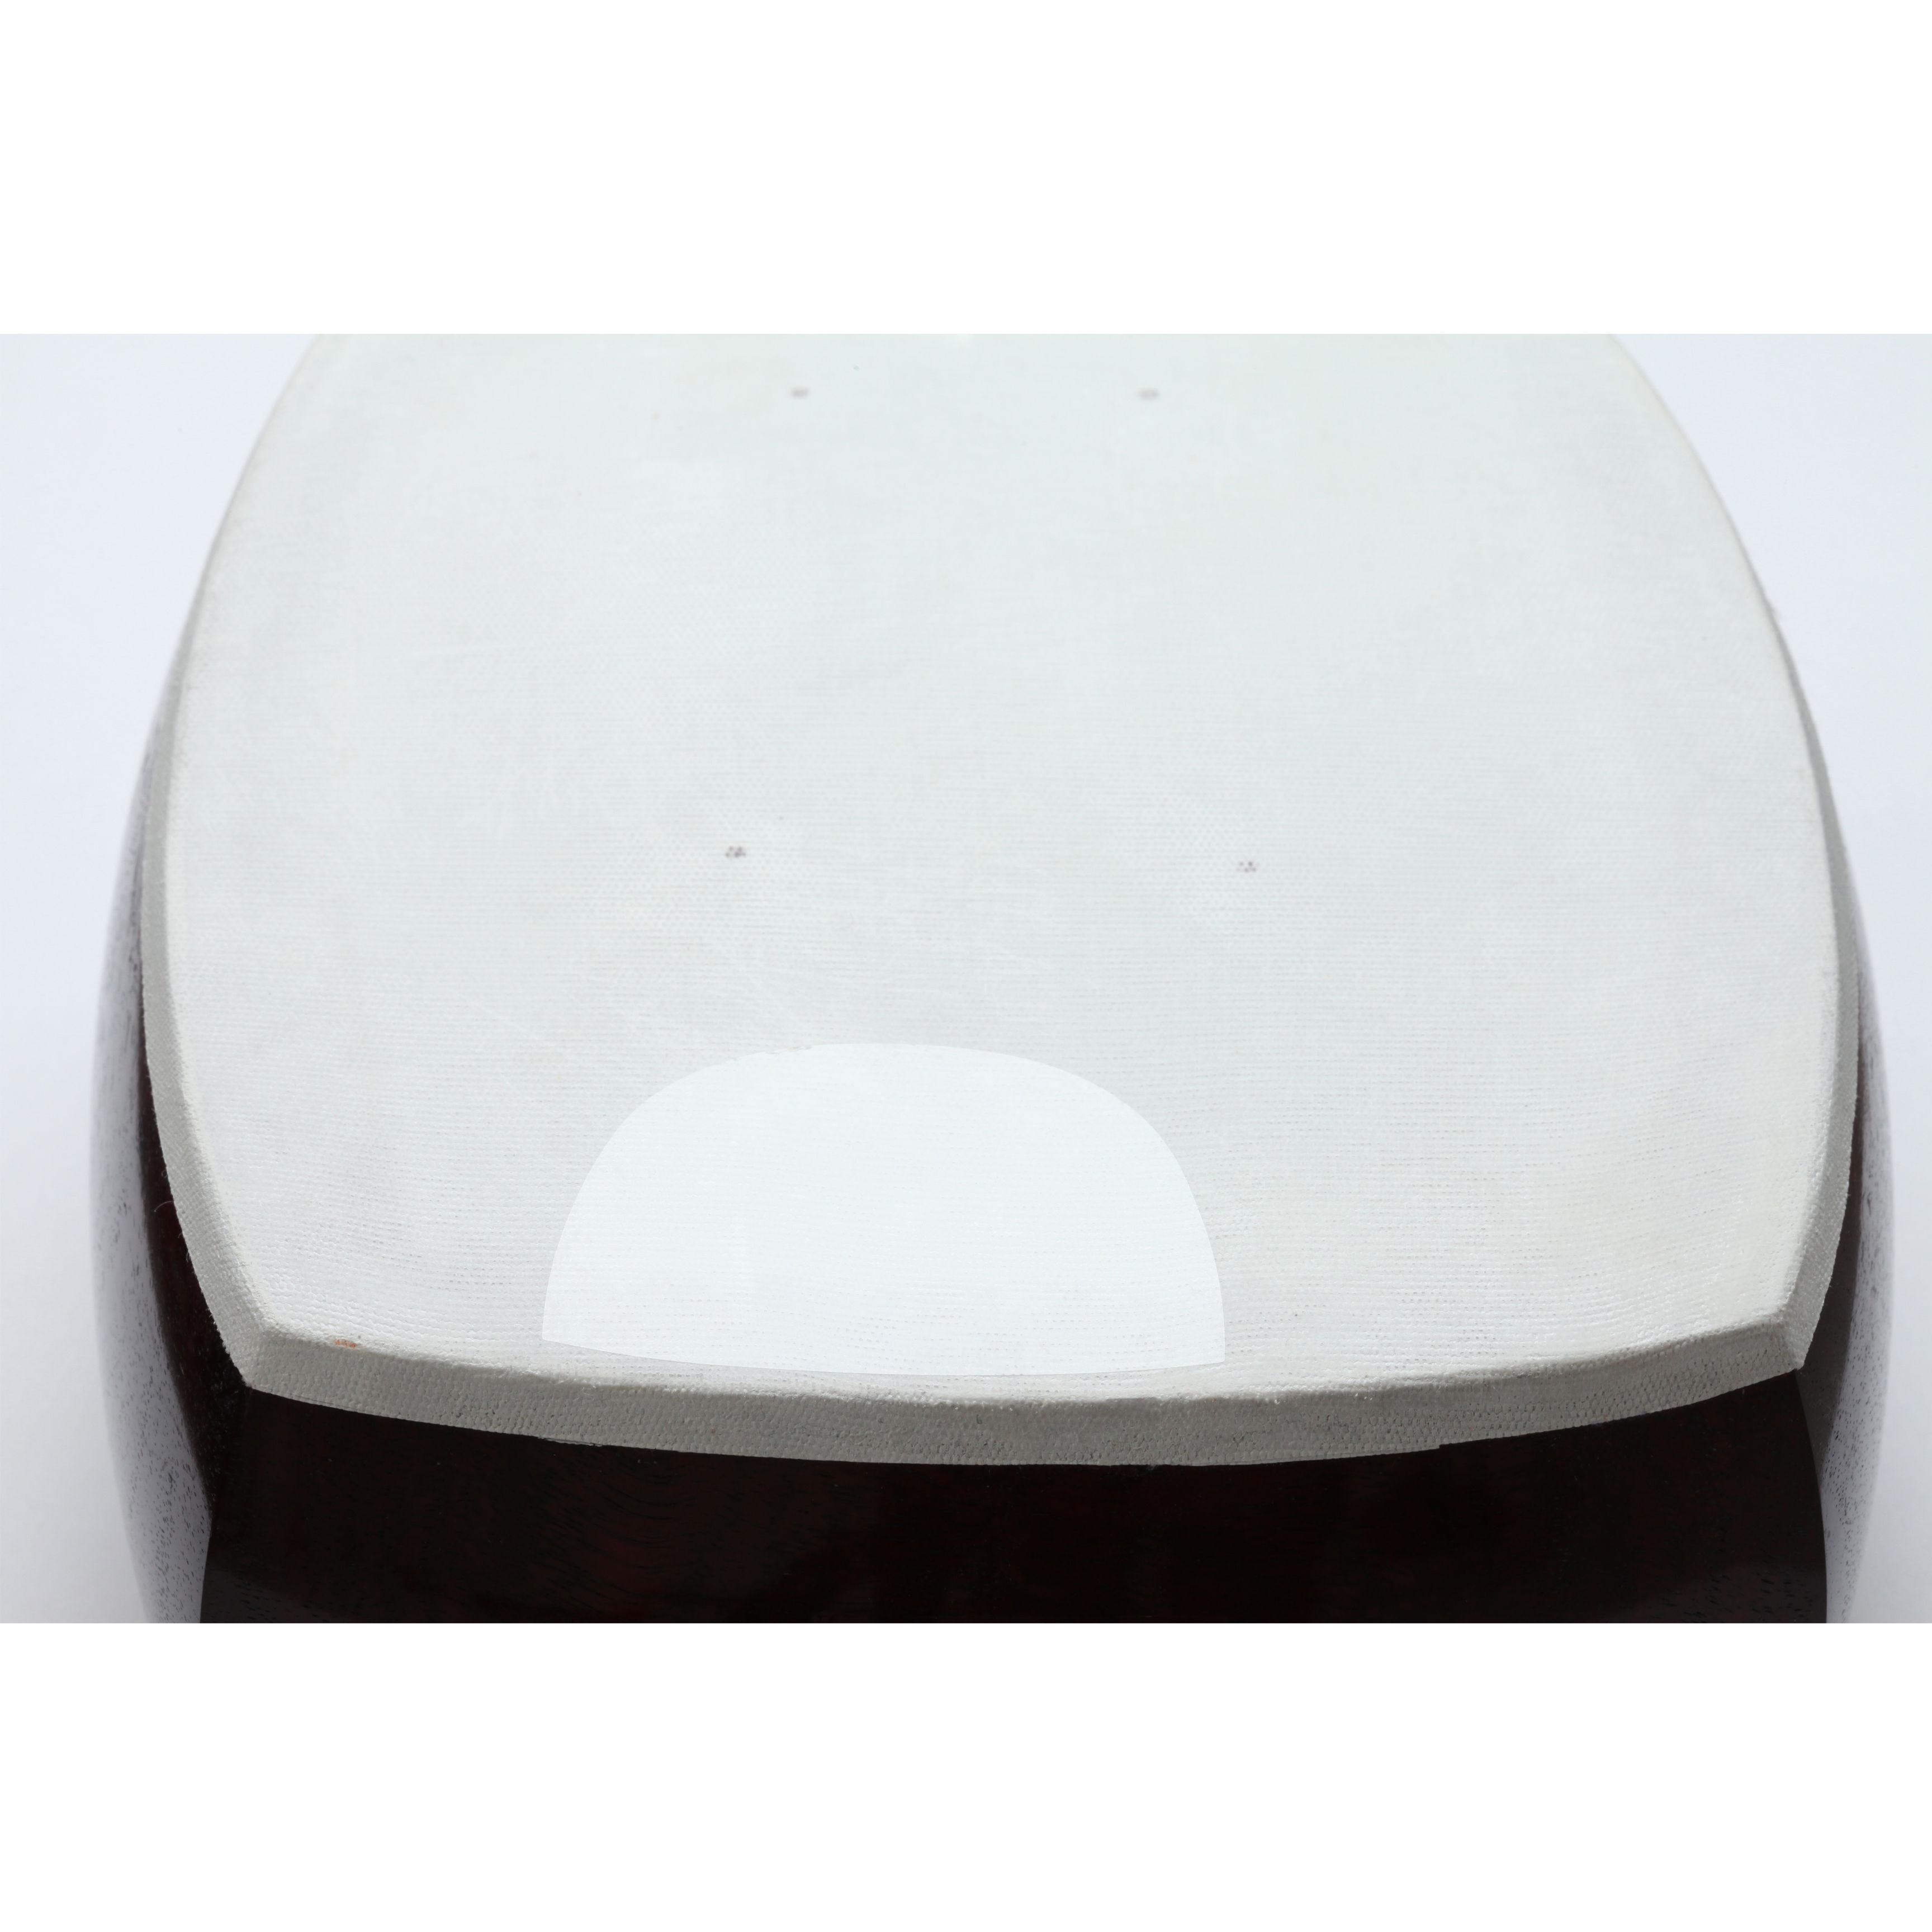 [29081]【長唄】両面 表 一般用三味線人工皮リプル張り替え